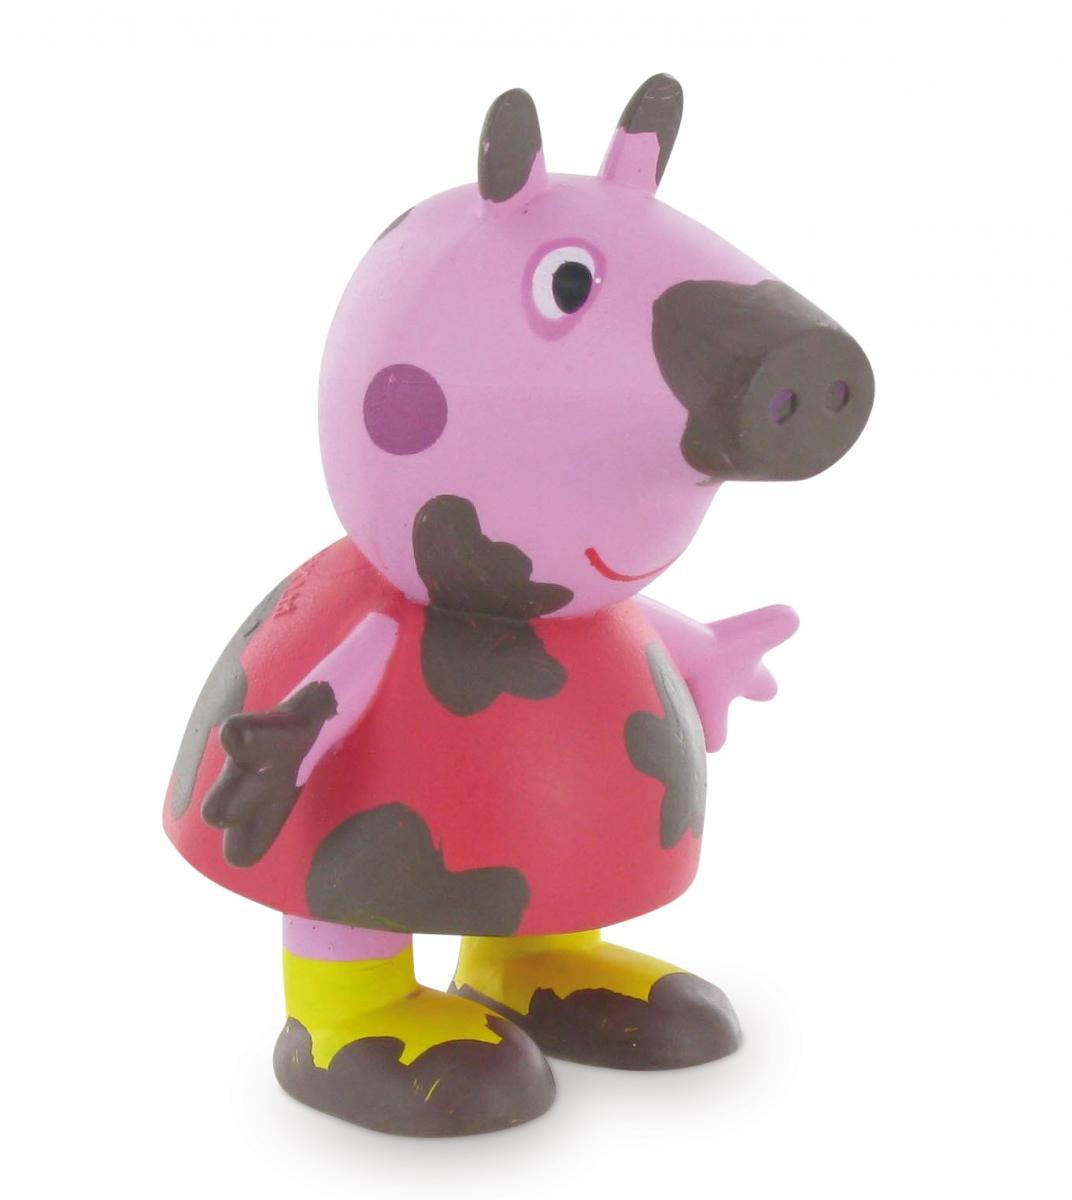 Jeux concours peppa pig hachette jeunesse - Jeux de papa pig ...